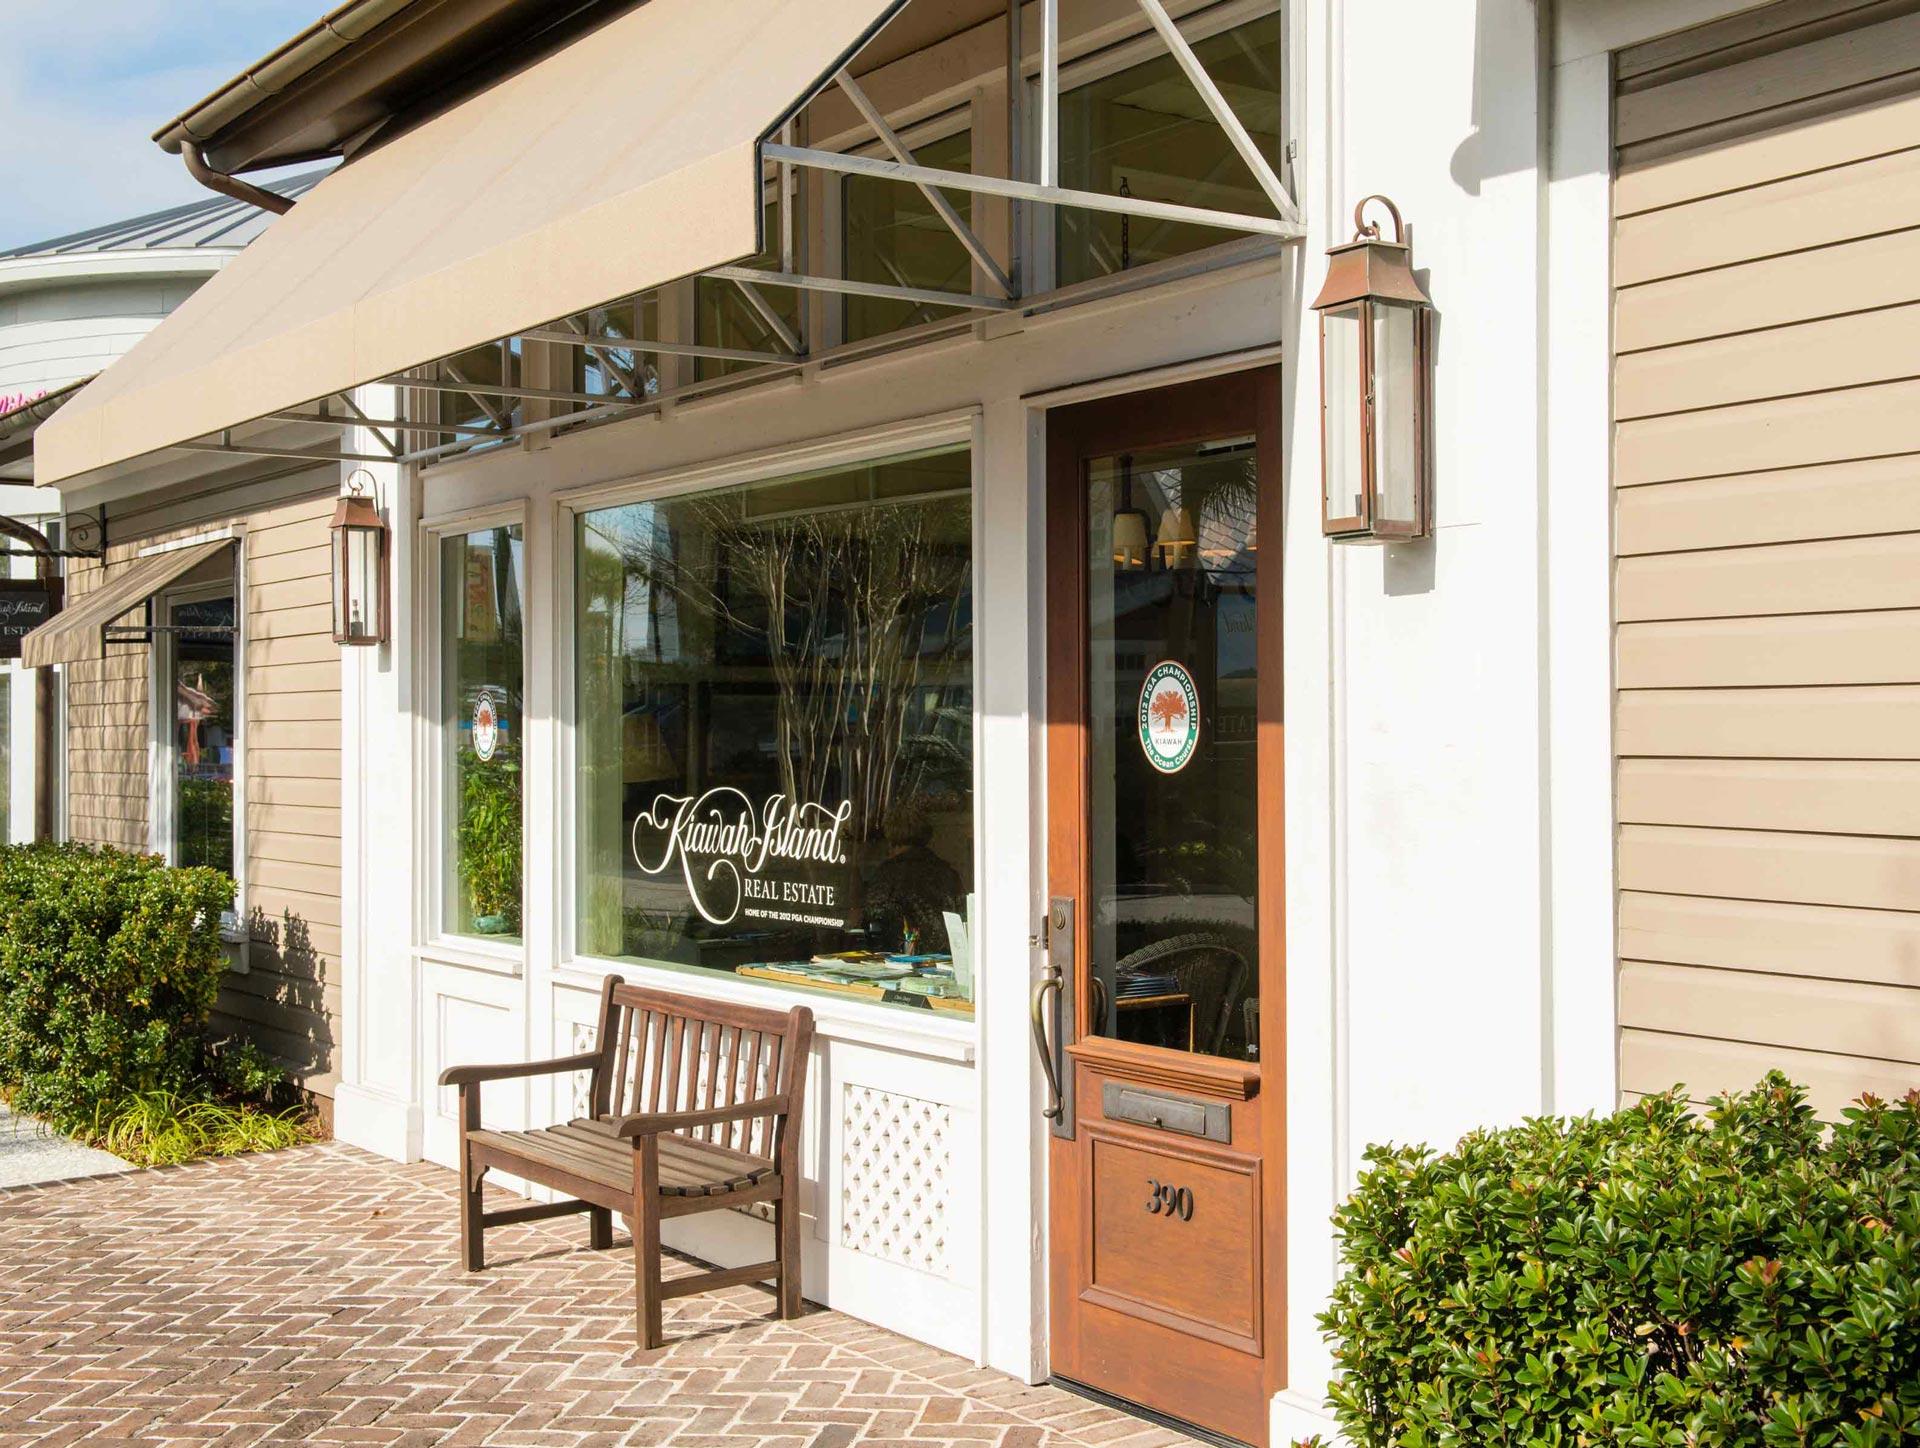 Freshfields Village Sales Office